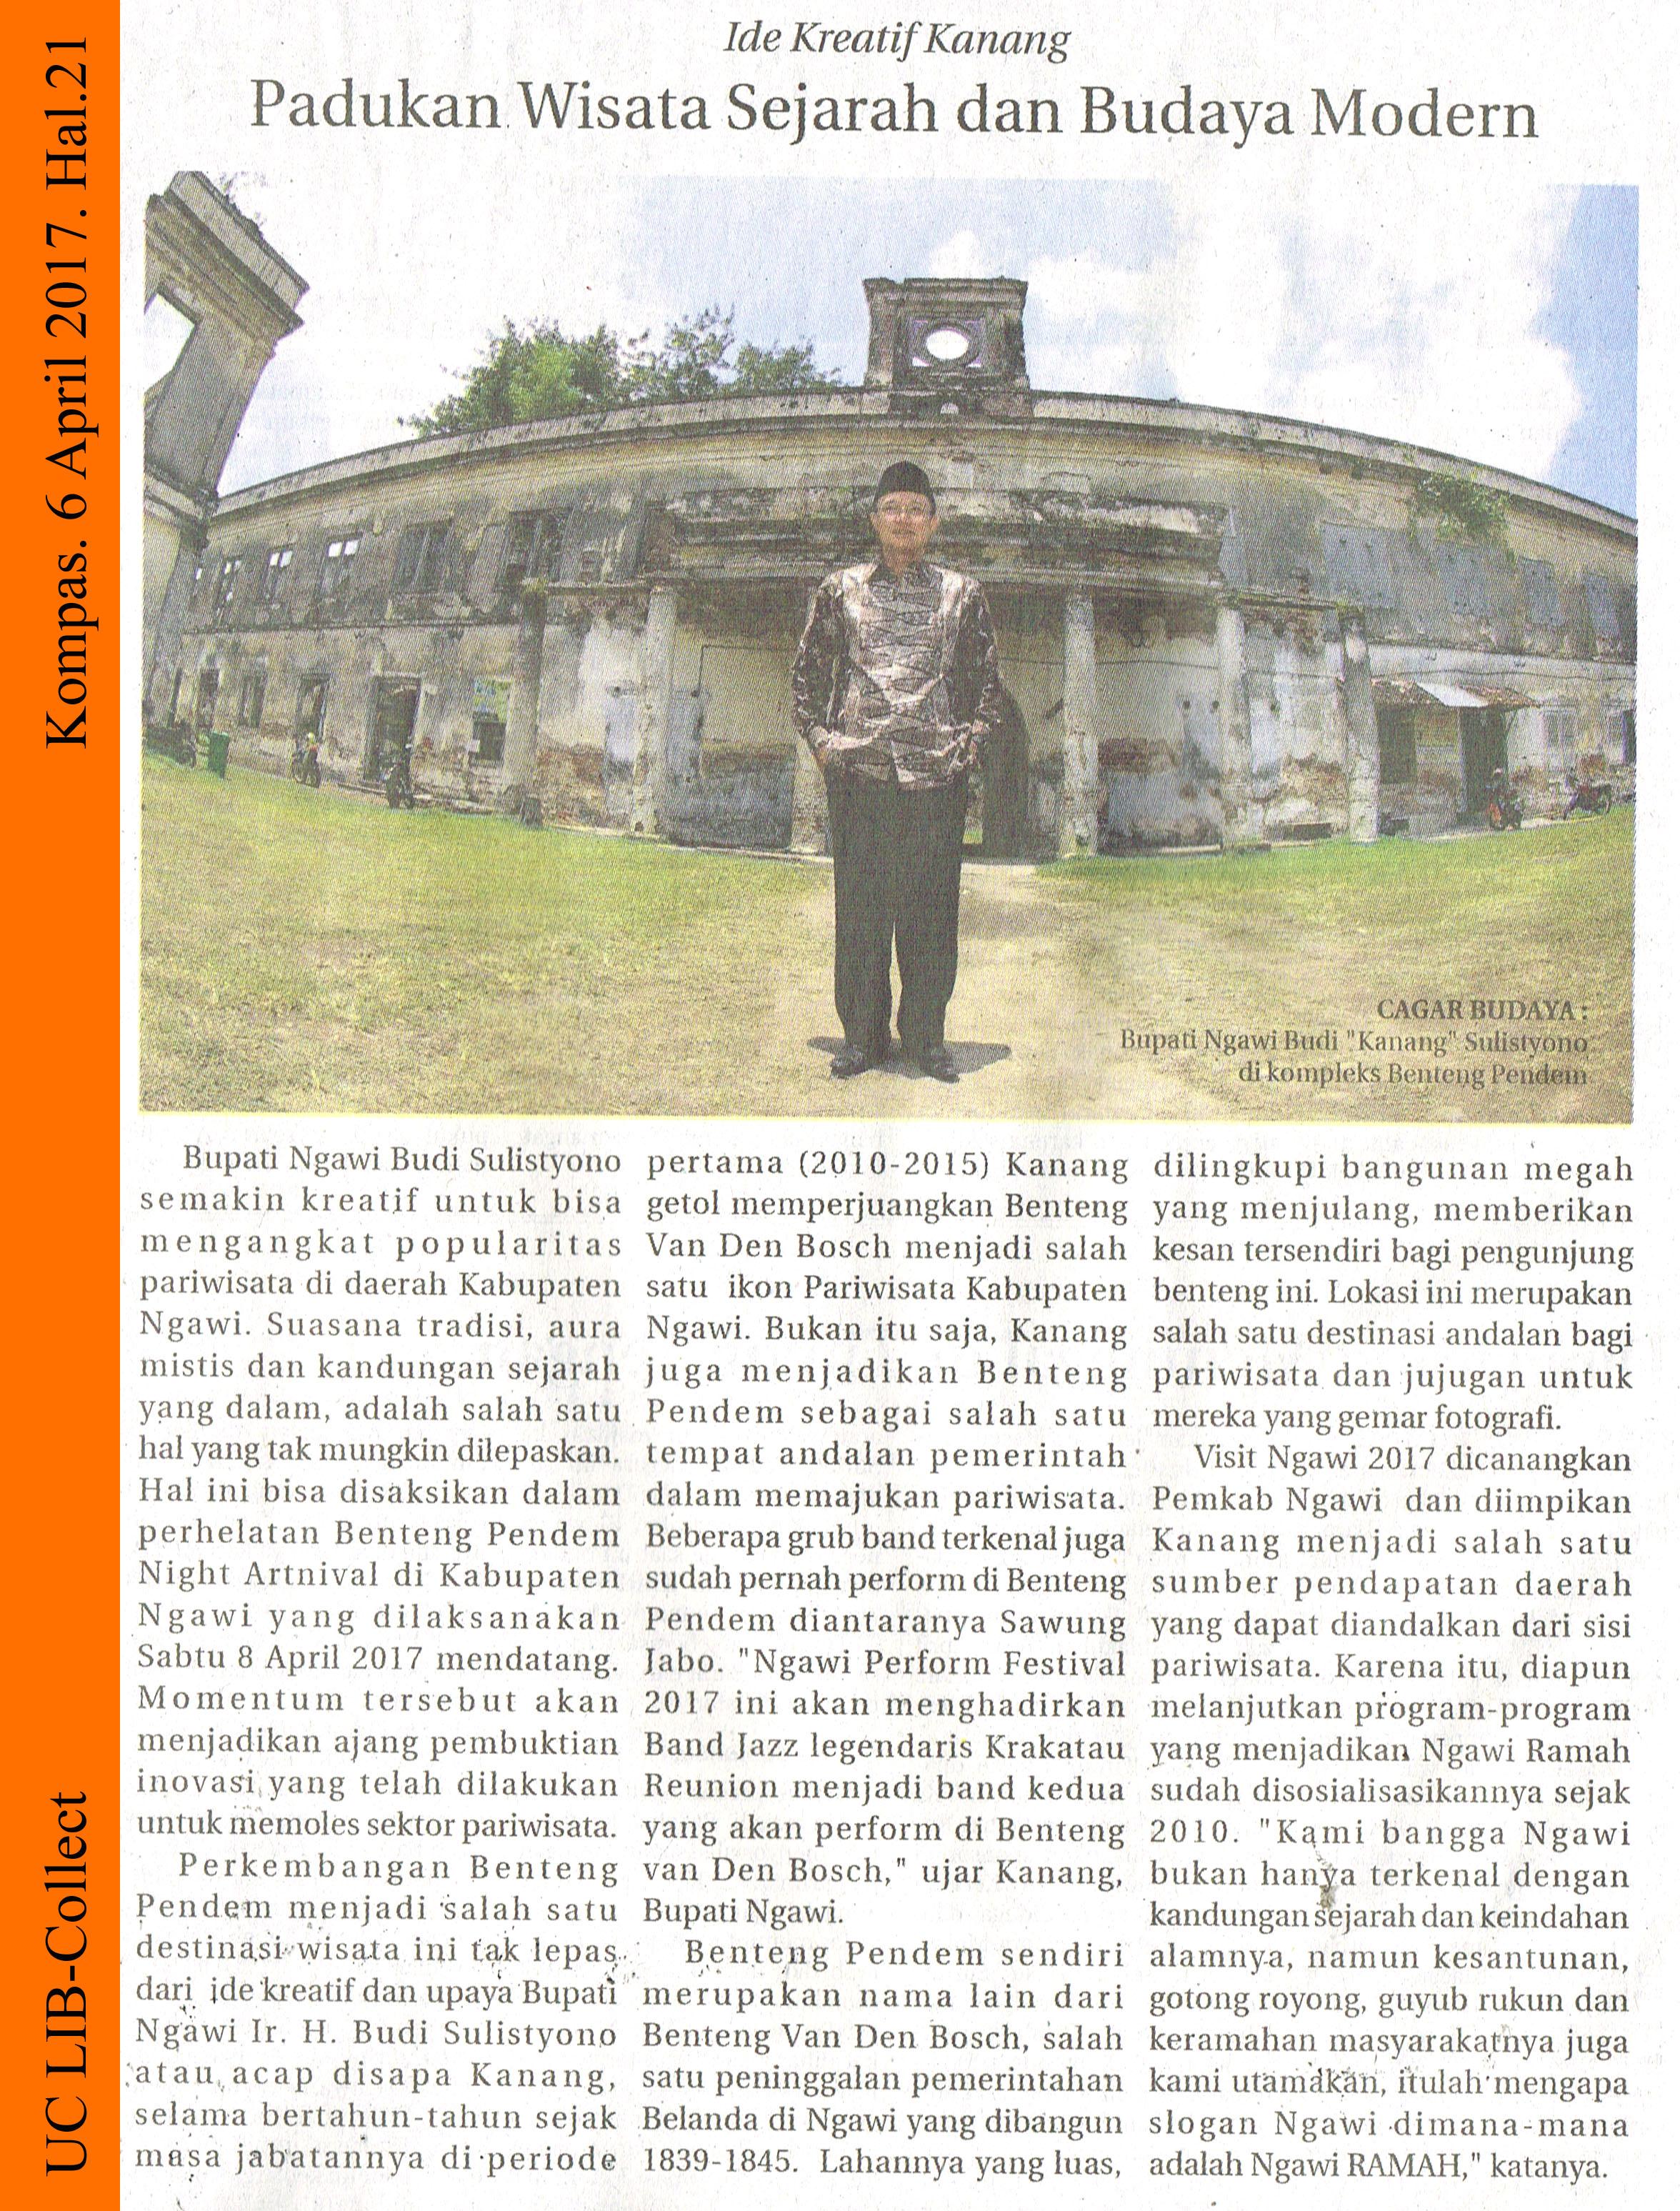 Padukan Wisata Sejarah dan Budaya Modern. Kompas. 6 April 2017. Hal.21